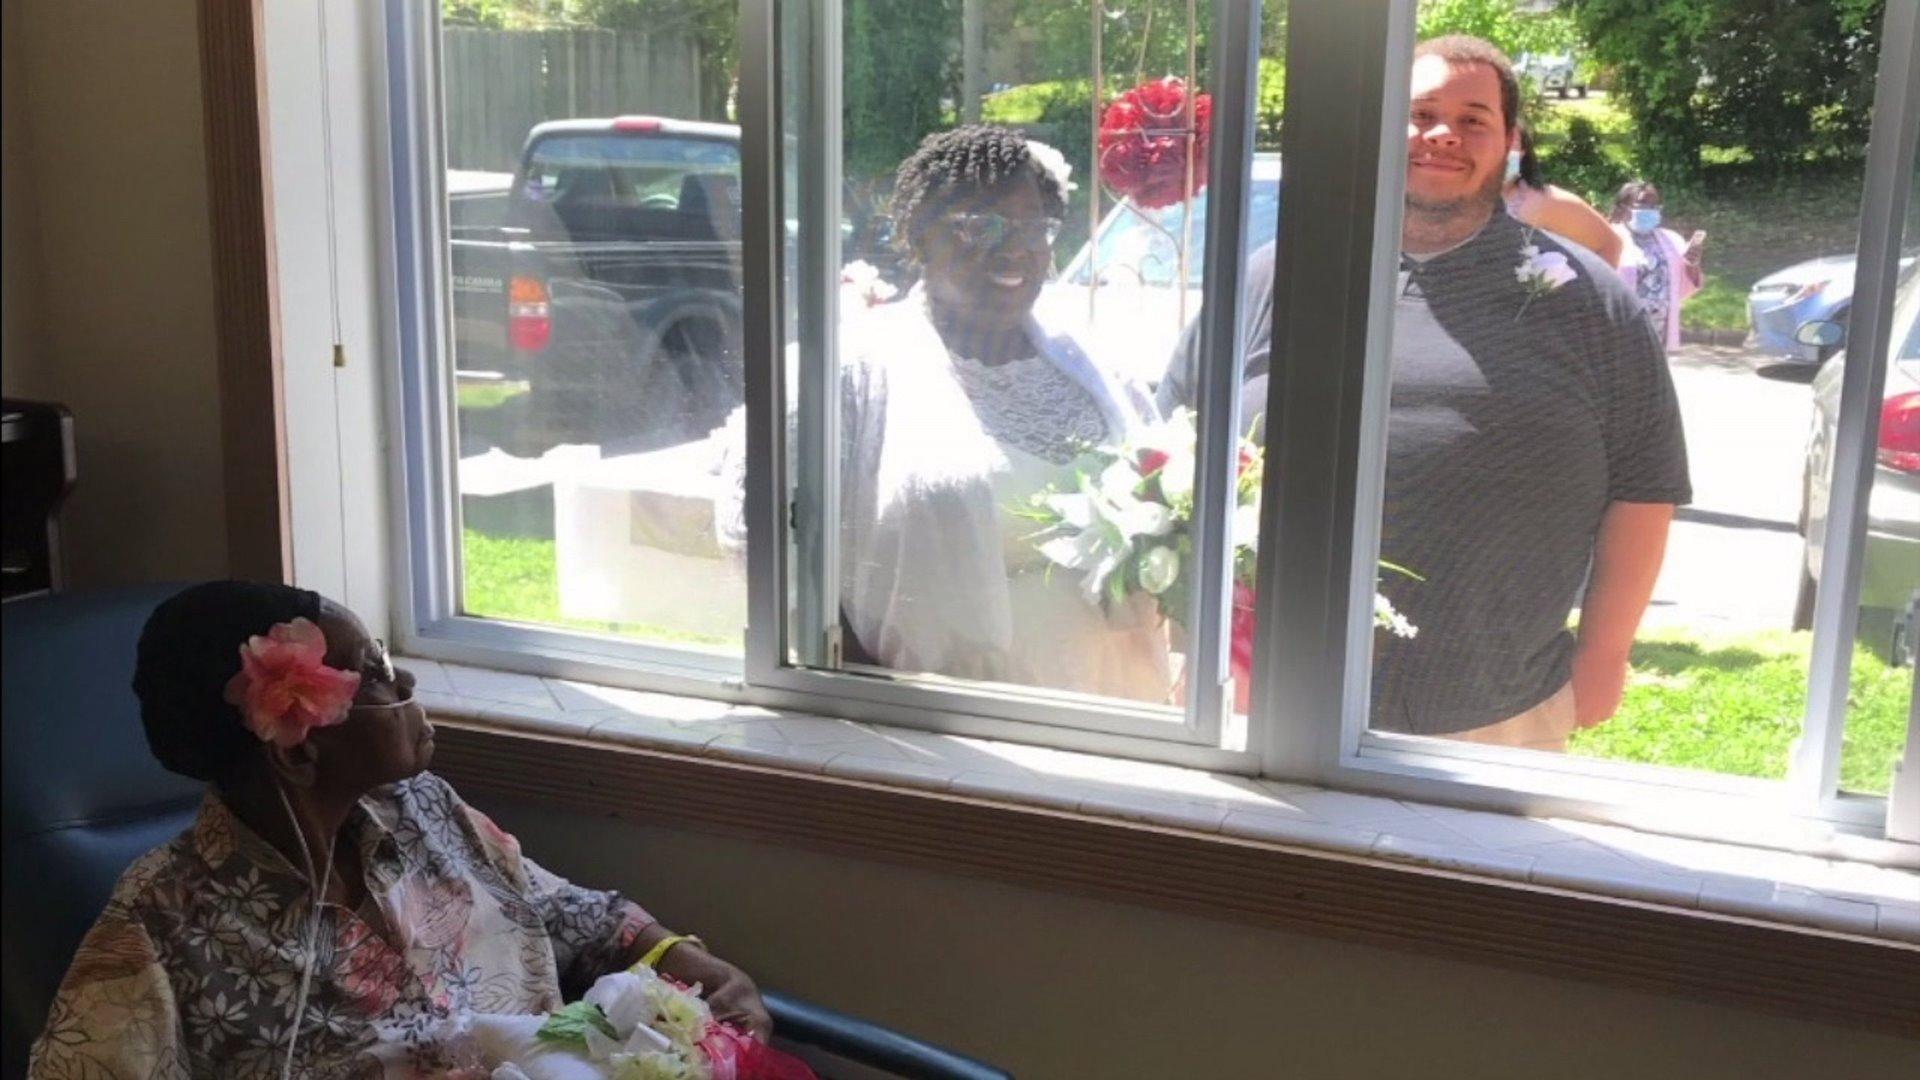 Mother participates in daughter's wedding through Reidsville nursing home window